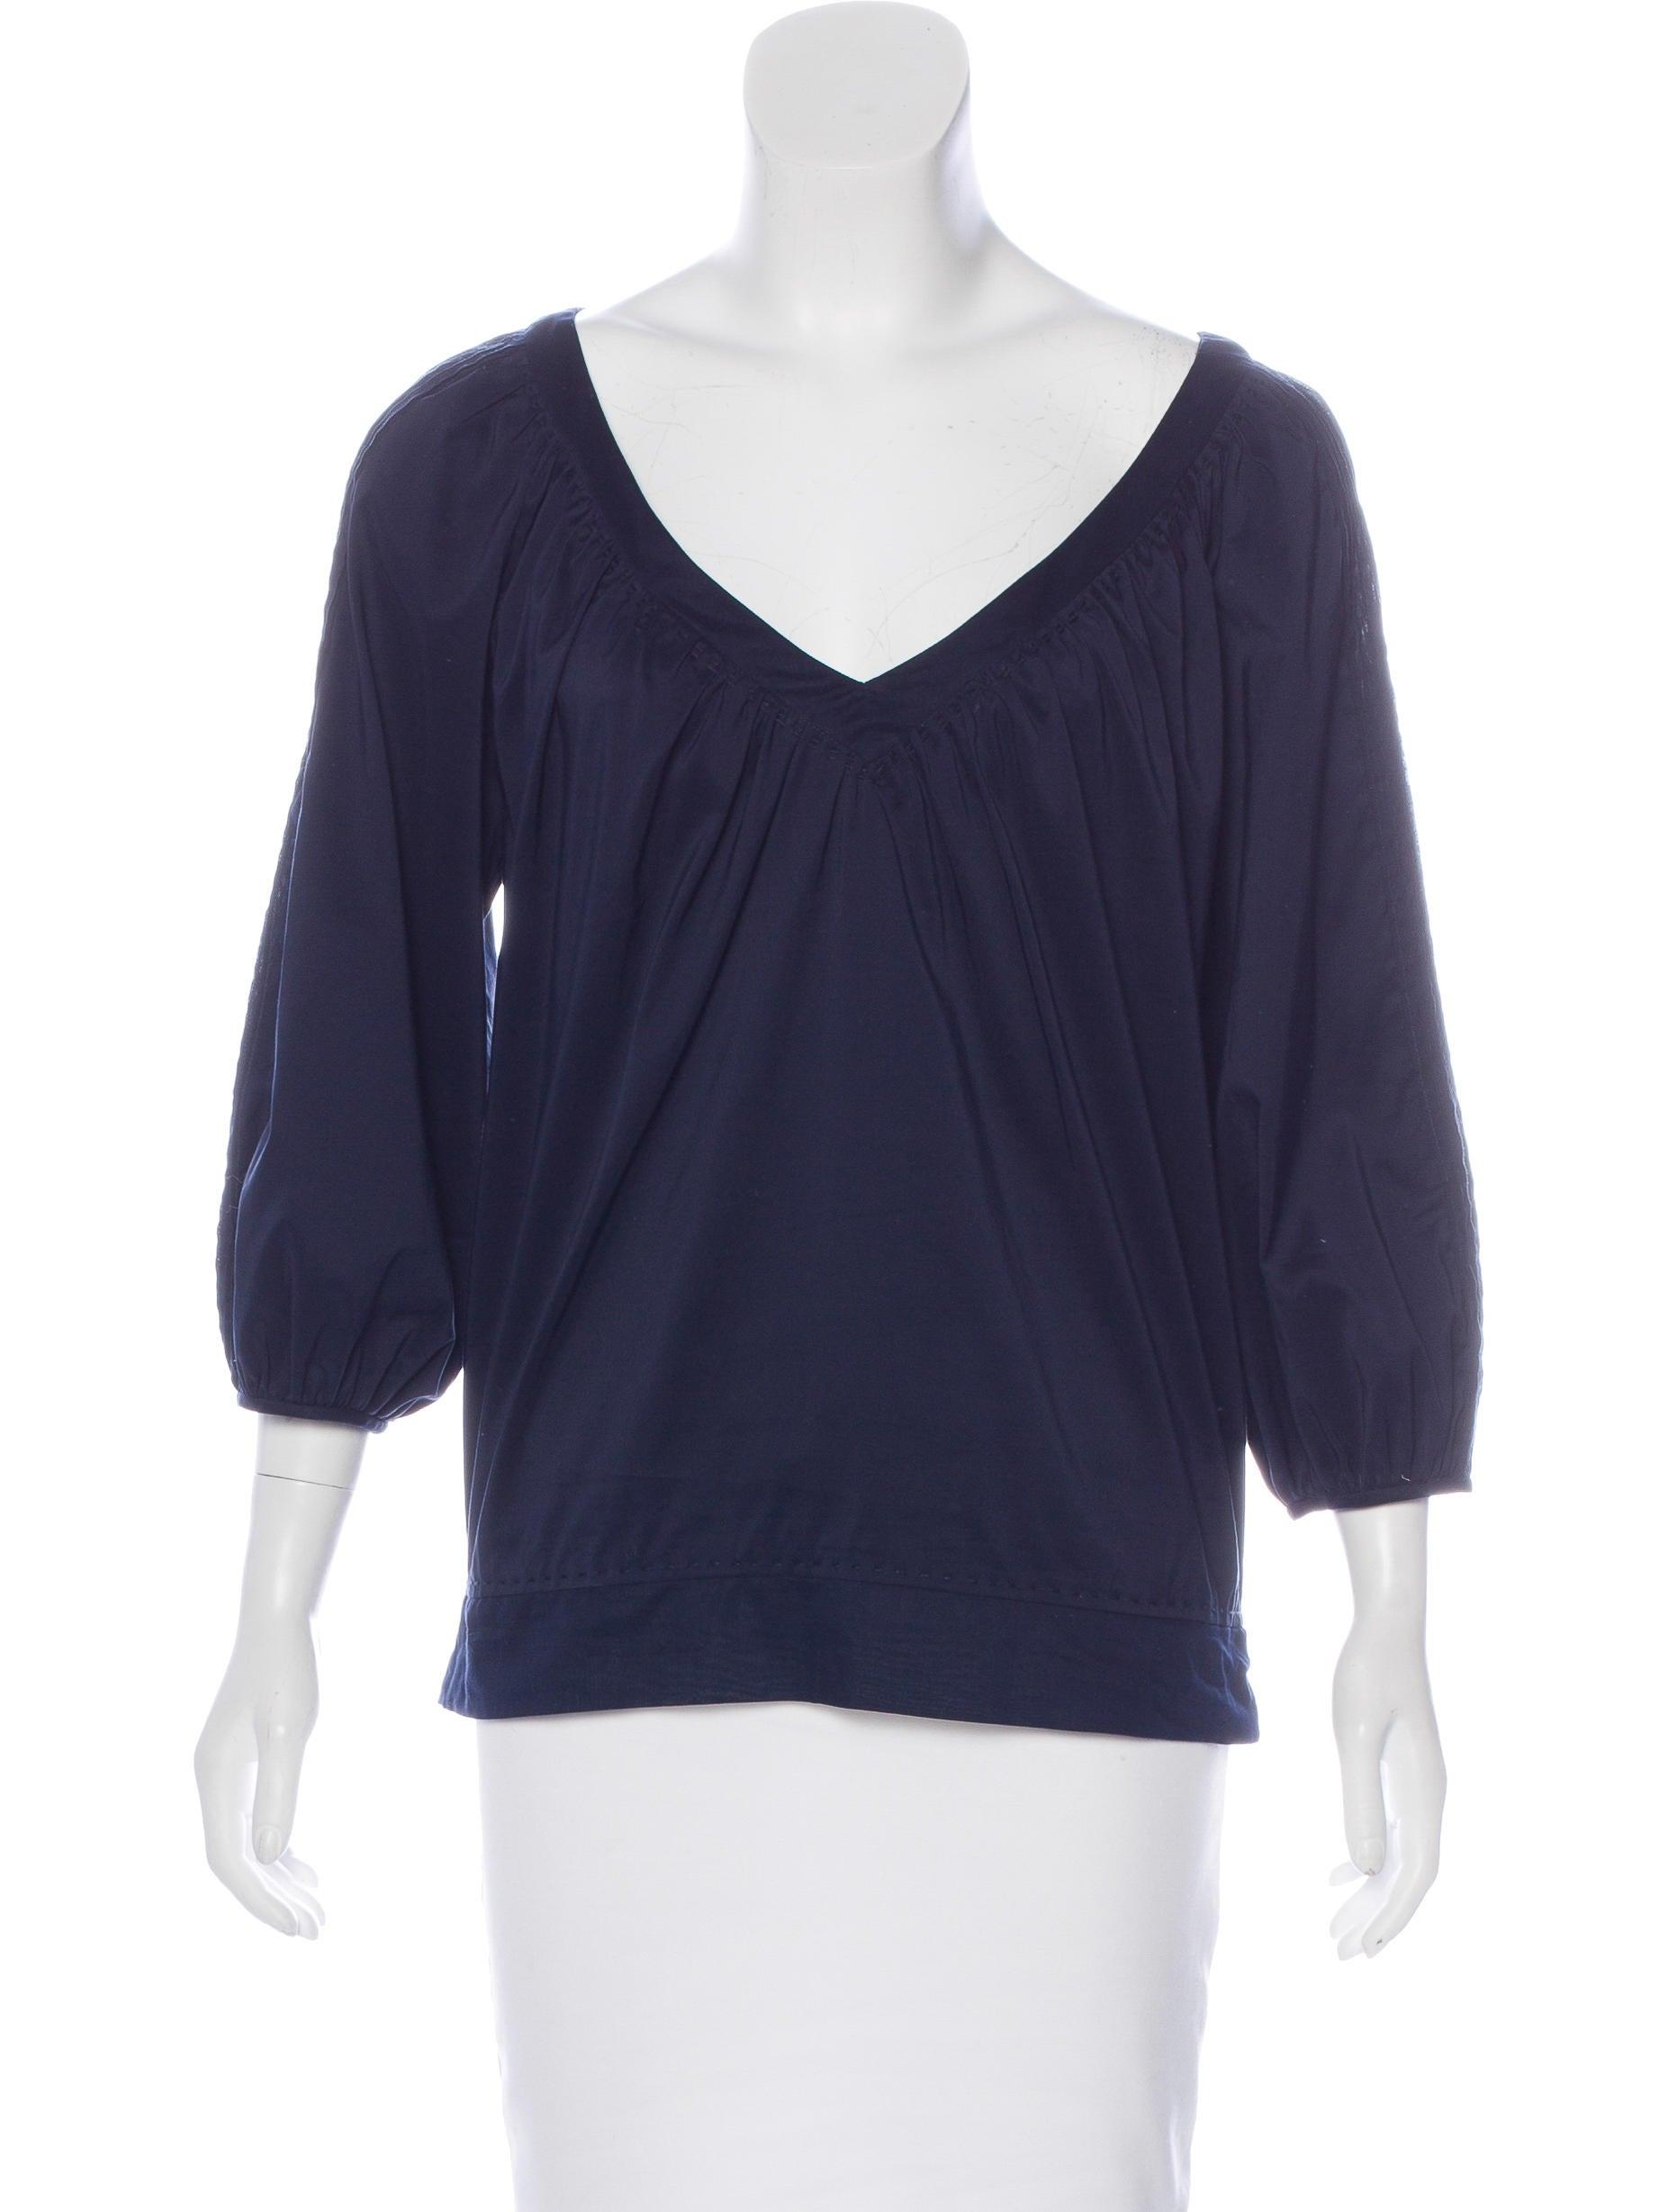 Diane von furstenberg holden pleated blouse clothing for Diane von furstenberg shirt